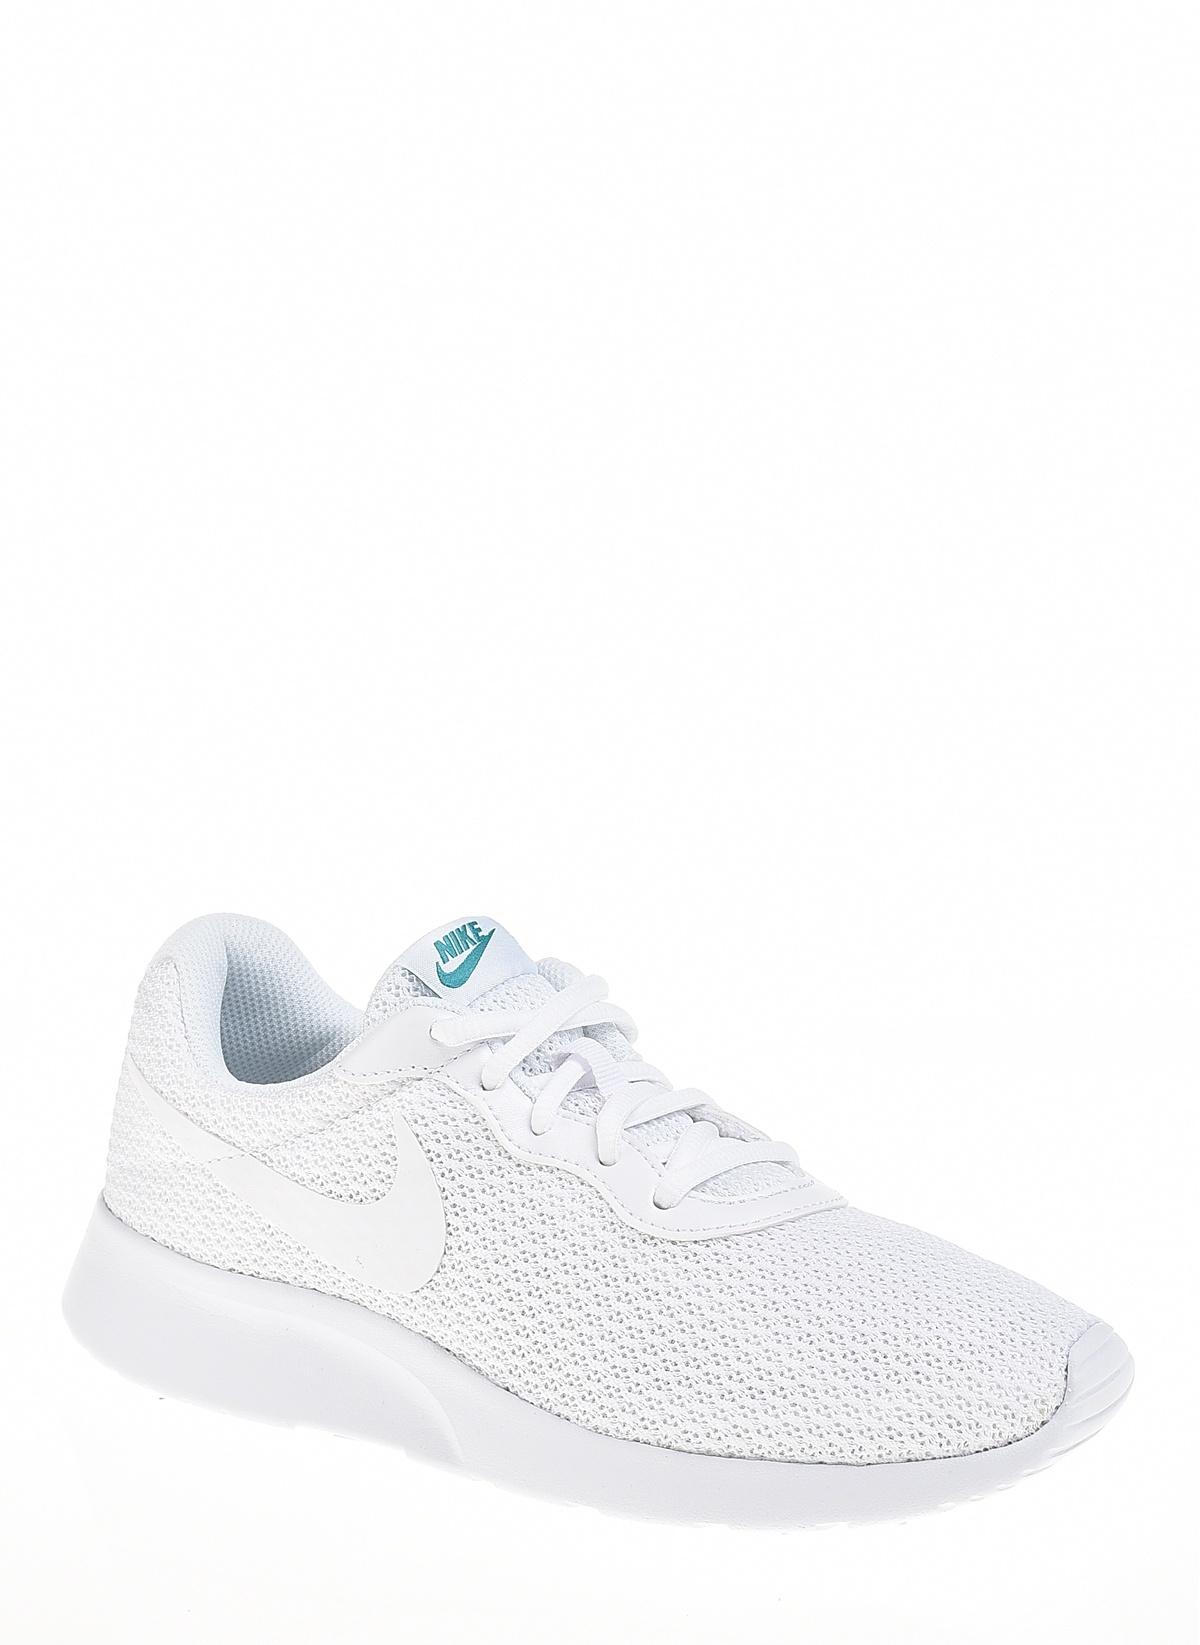 8a1781ce Nike Kadın Tanjun White/White-Spirit Teal İndirimli Fiyat   Morhipo ...